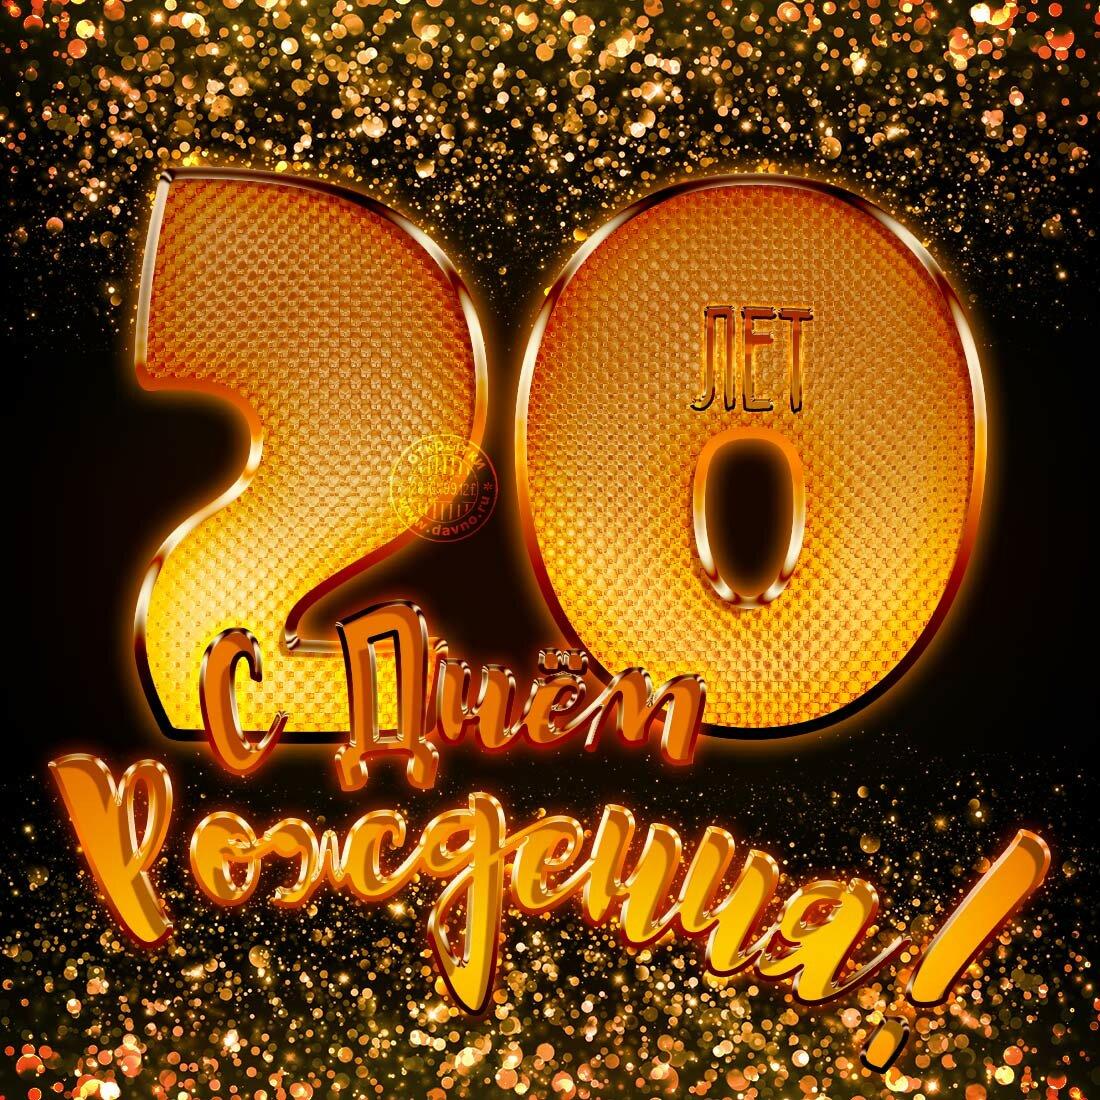 Смешное поздравление с 20летием